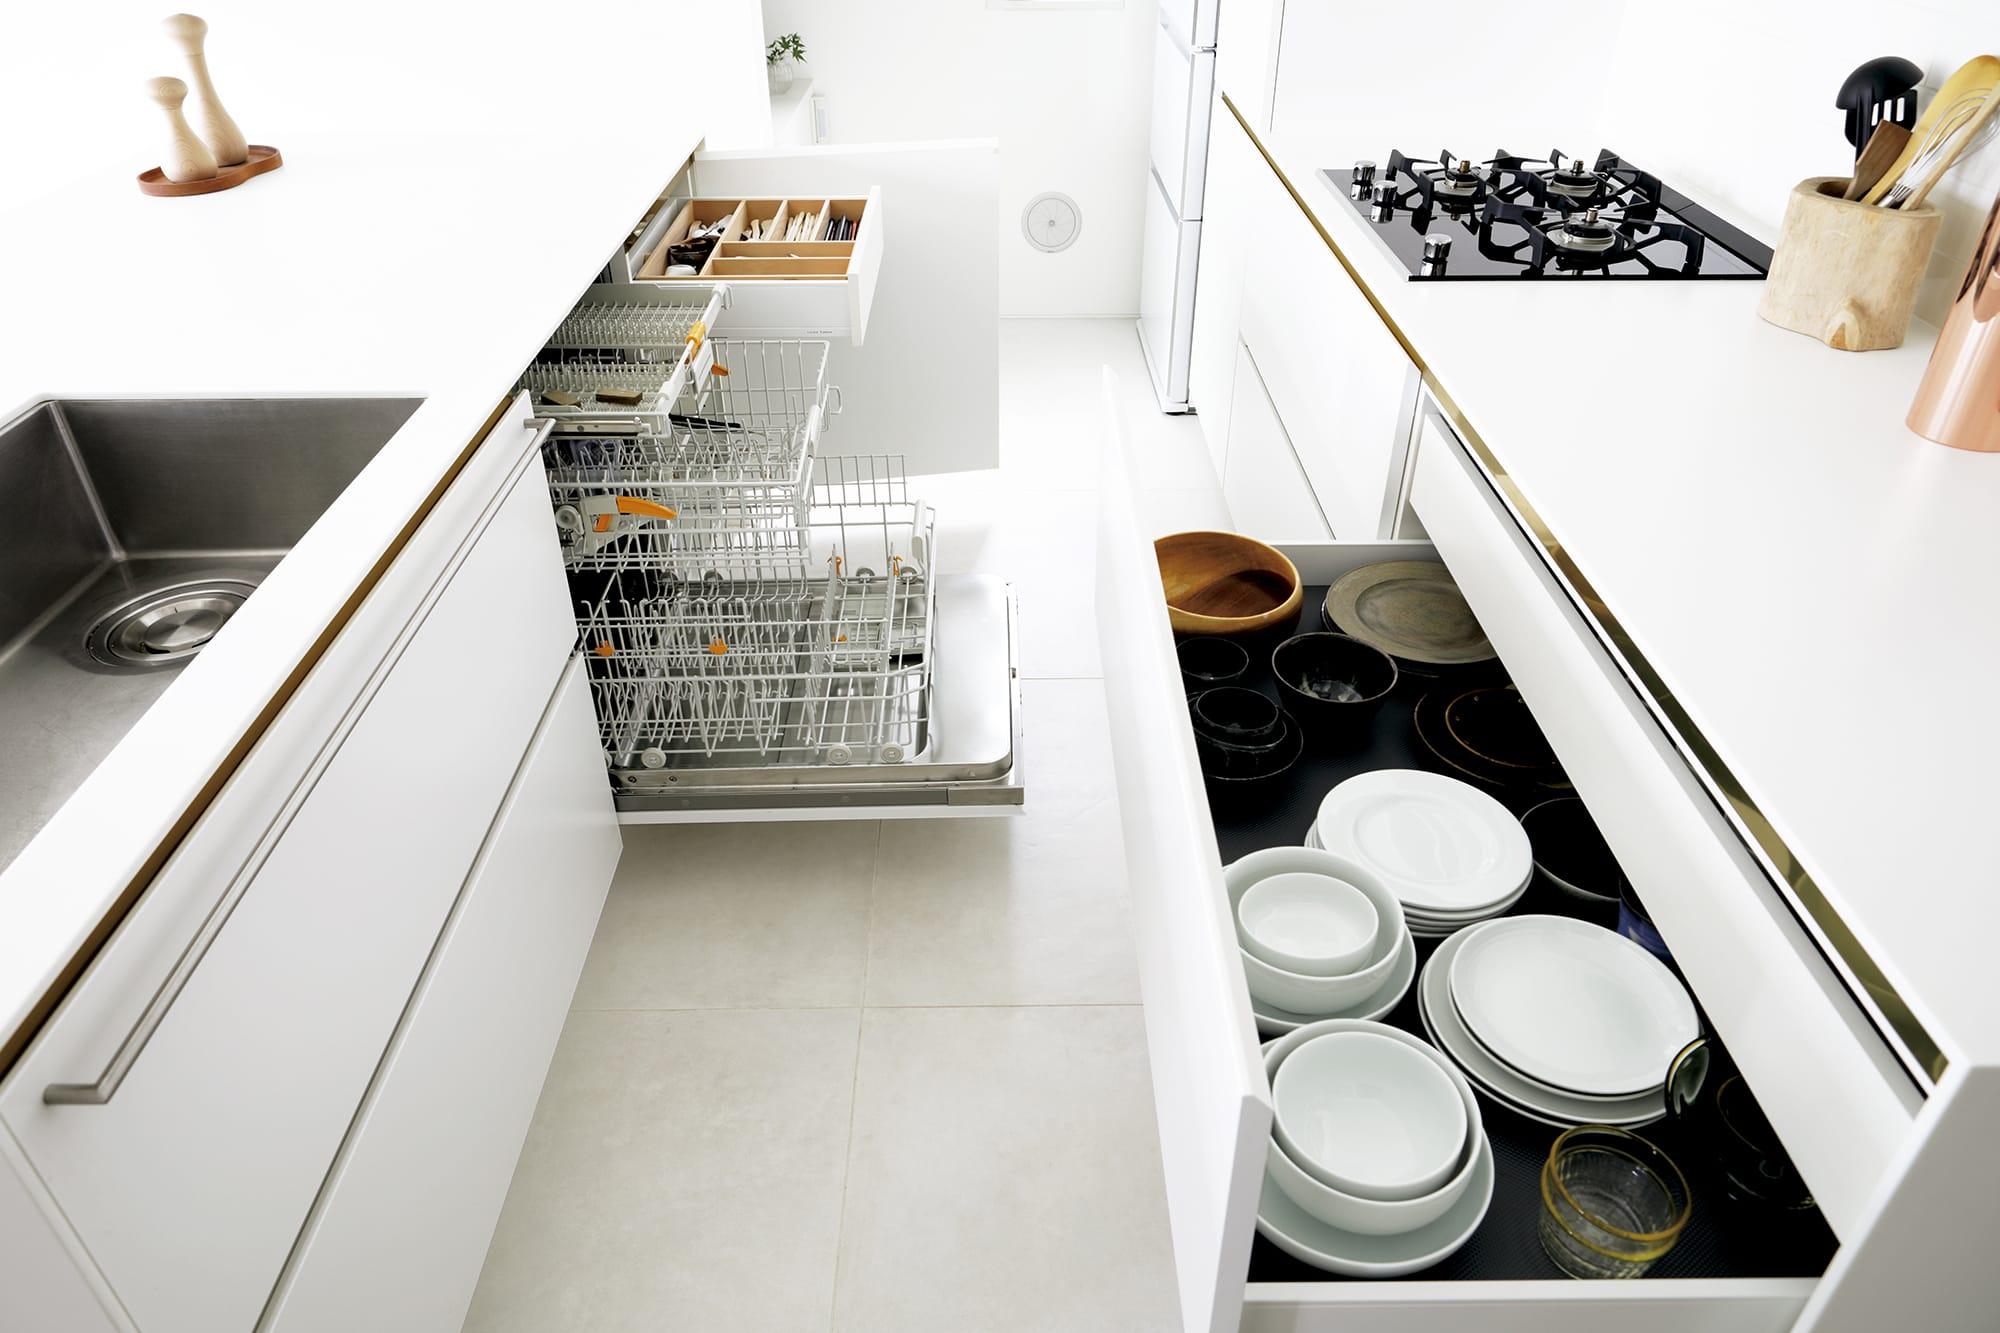 キッチン内で背中合わせに作業をすることを考えて、通路は幅1mに設計している。キッチン製作=リネアタラーラ/住宅設計=住友林業 Photography by Miyuki Kaneko